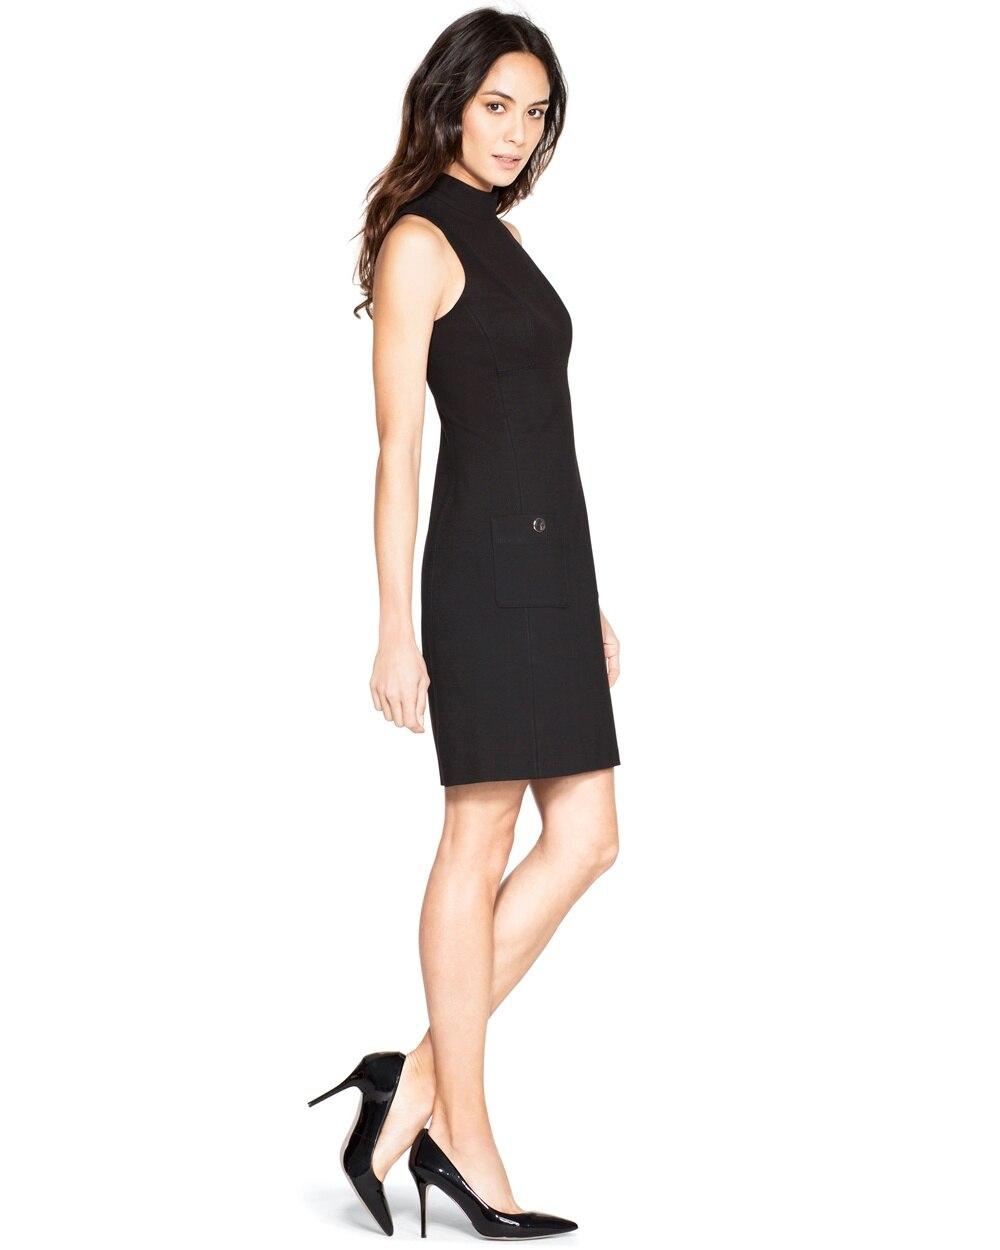 Sleeveless Mock Neck Shift Dress White House Black Market